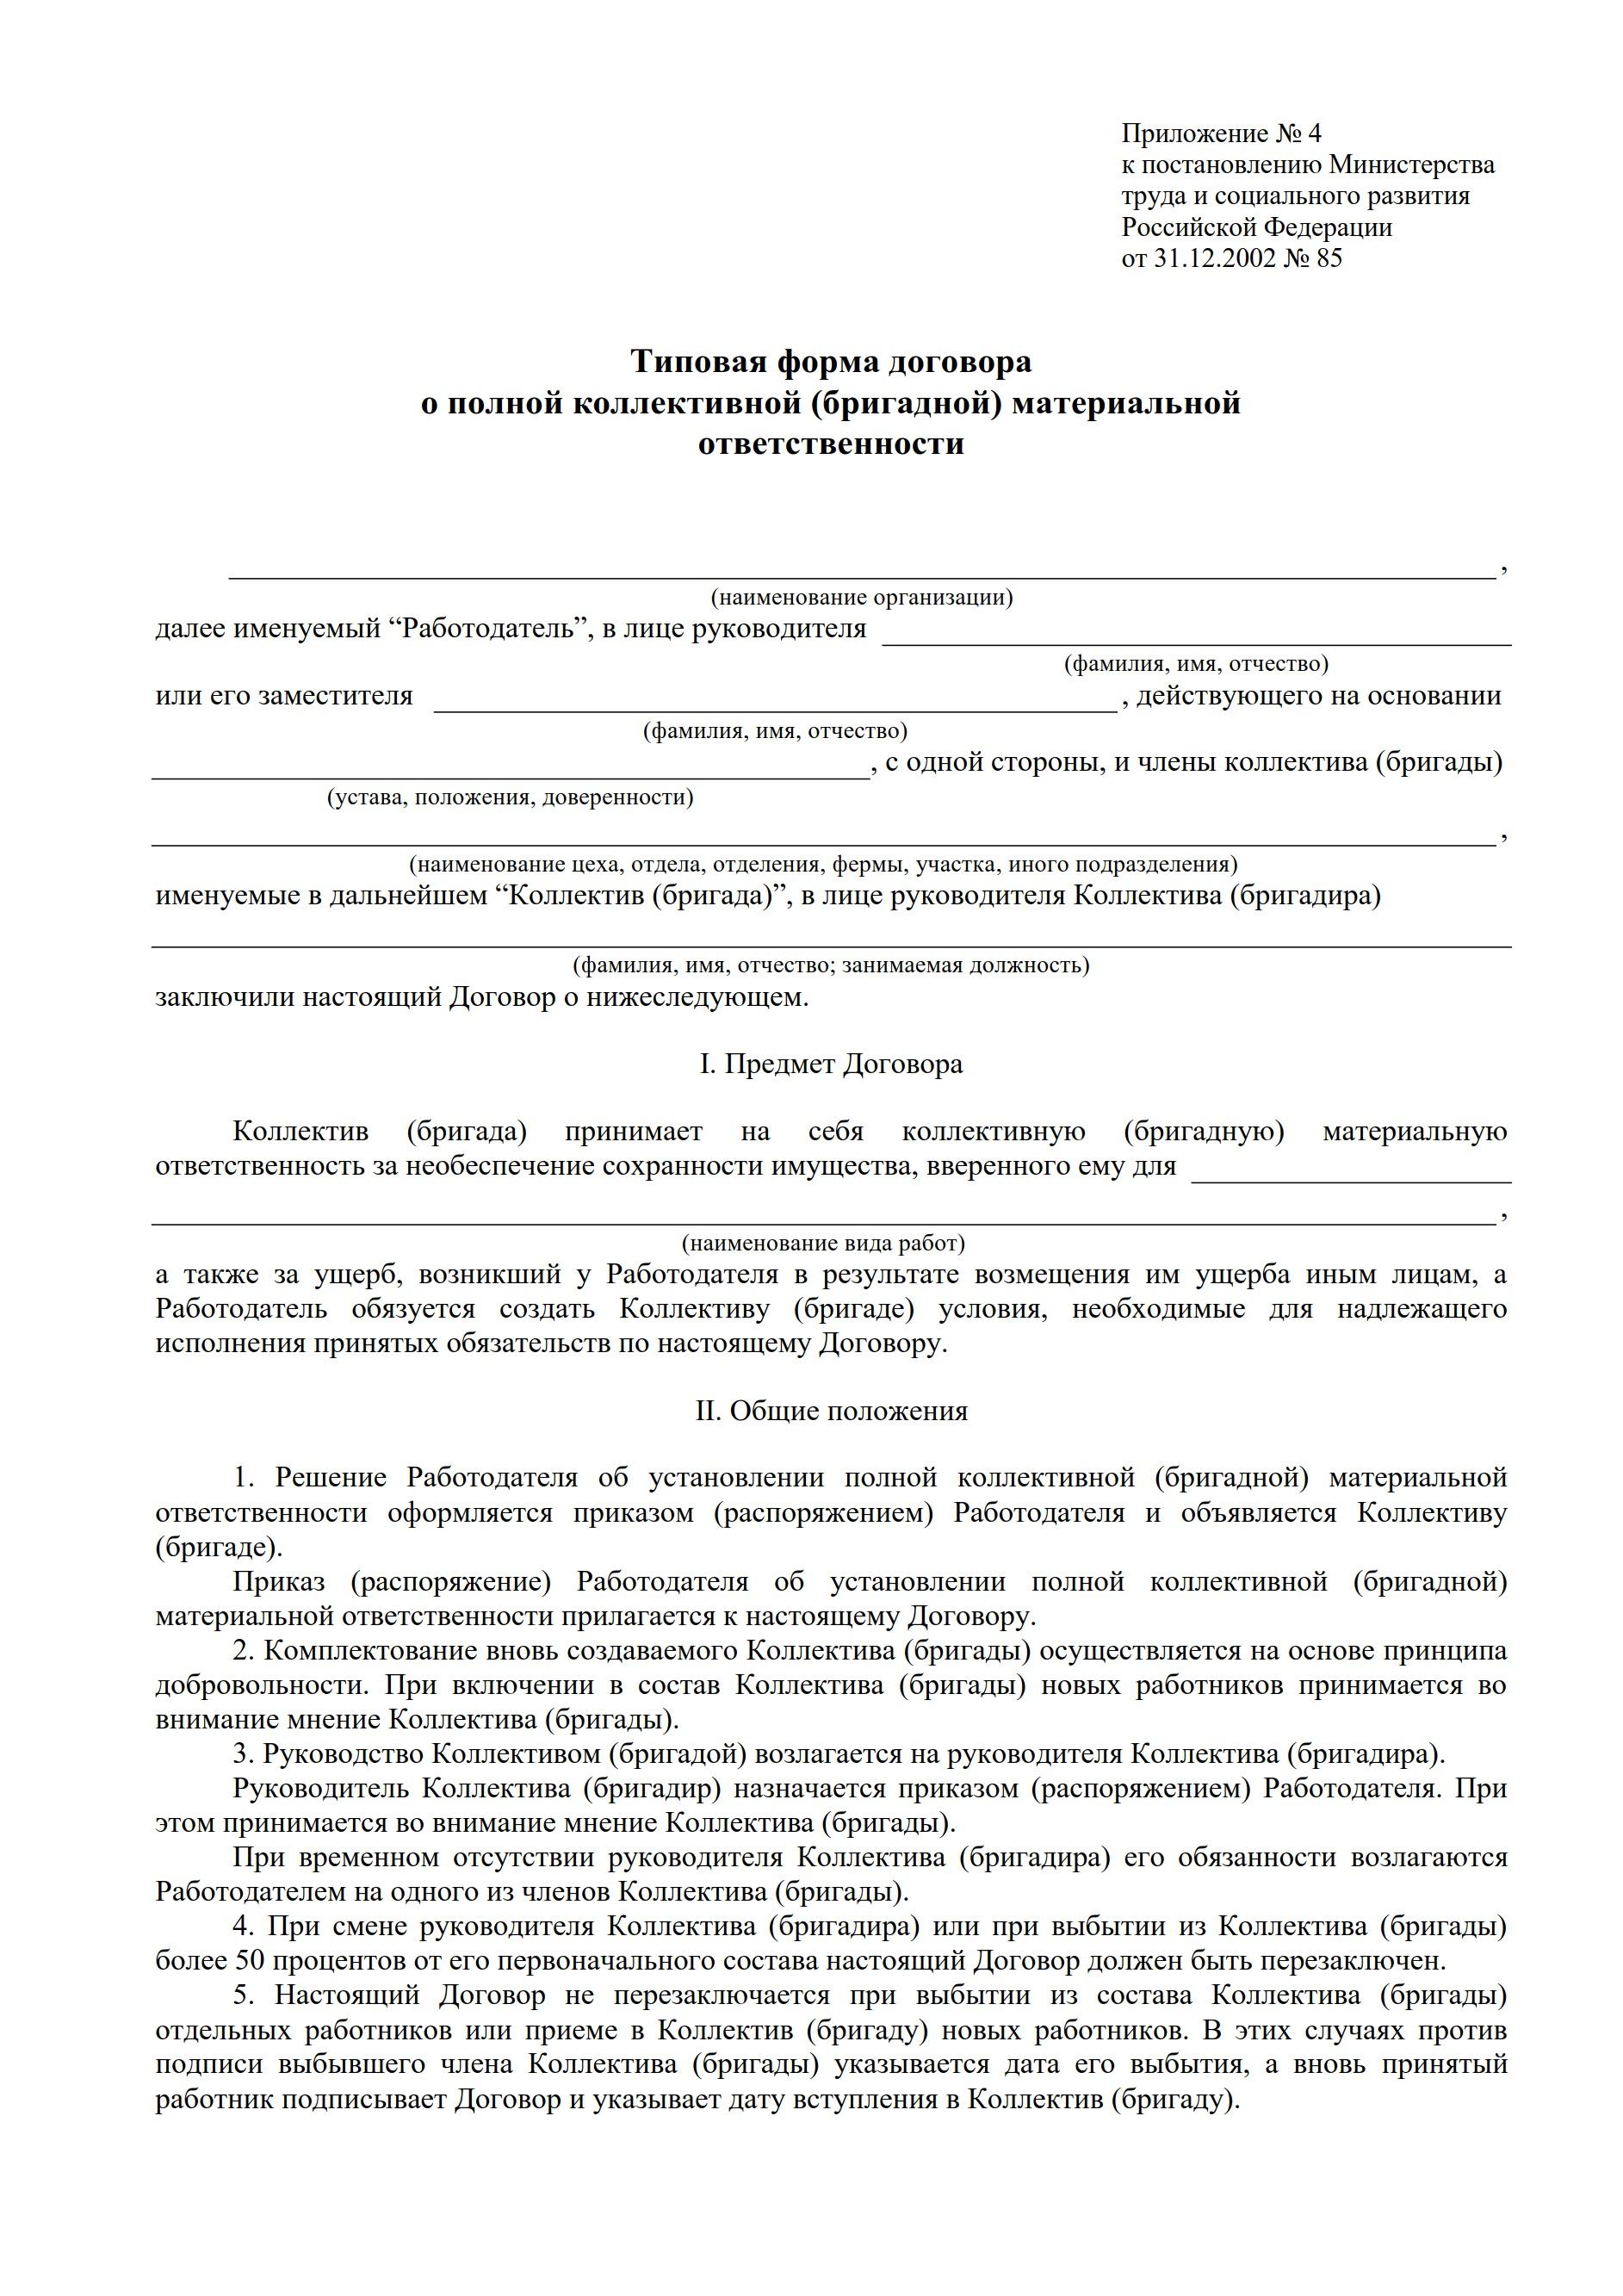 Образец договора о материальной ответственности продавца 2019